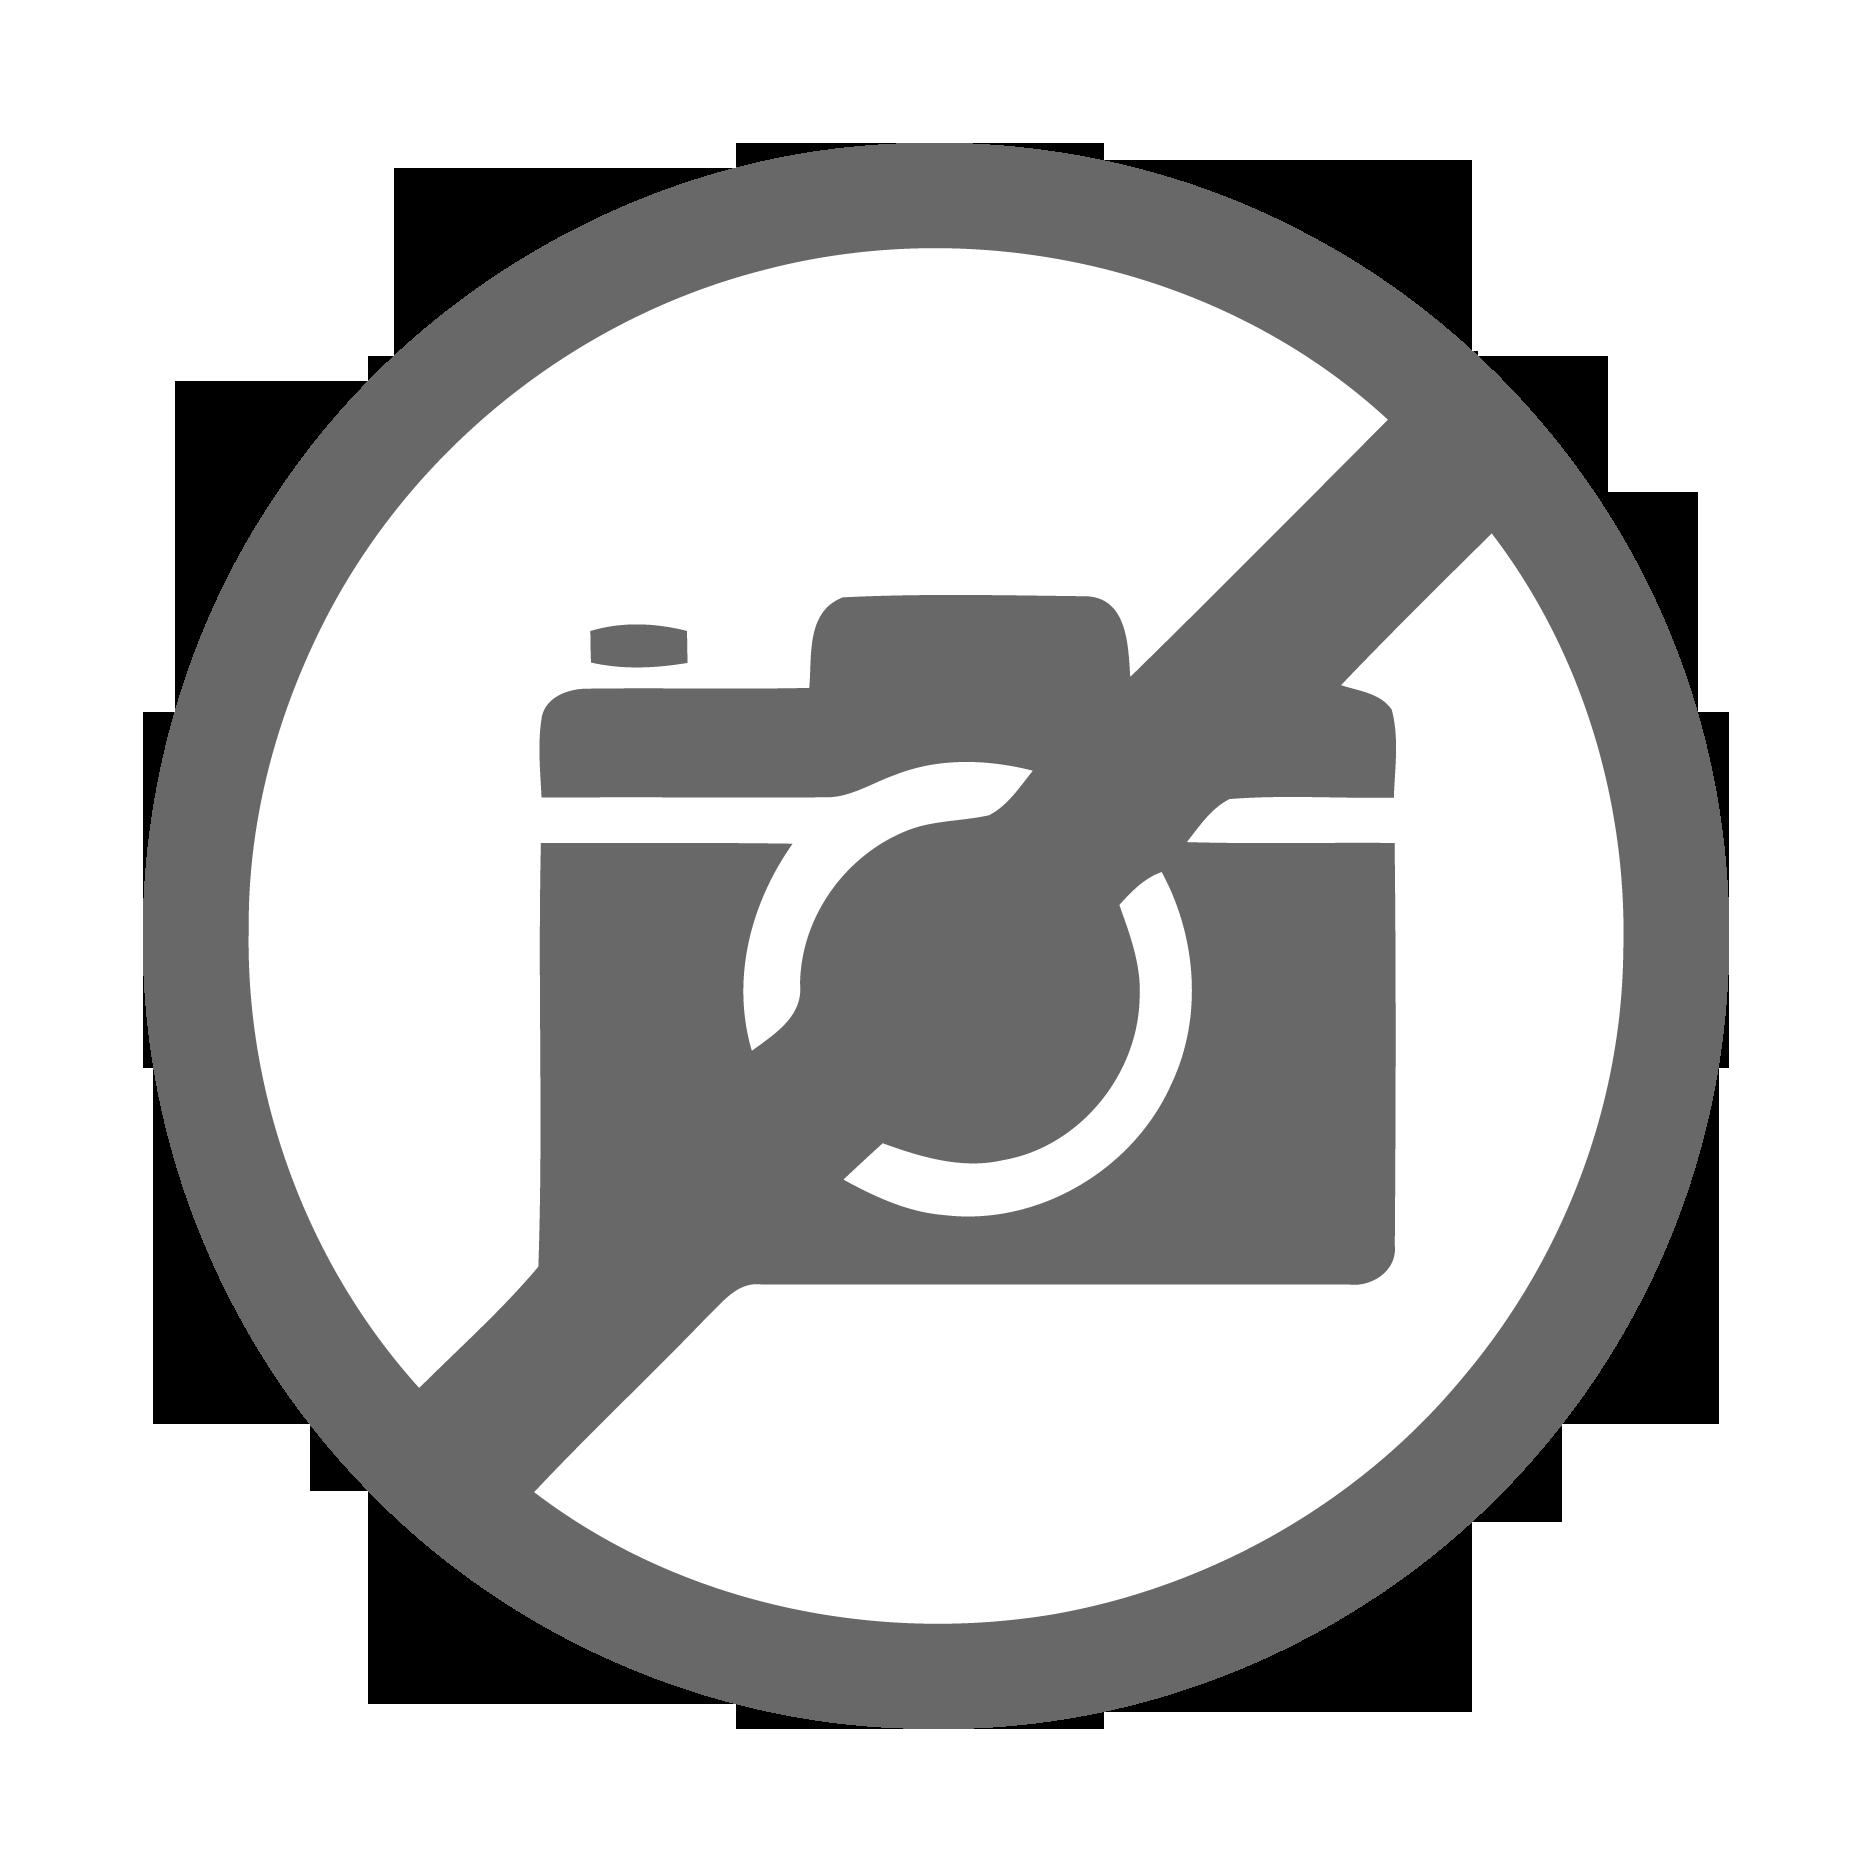 RIbs Brothers Quartal